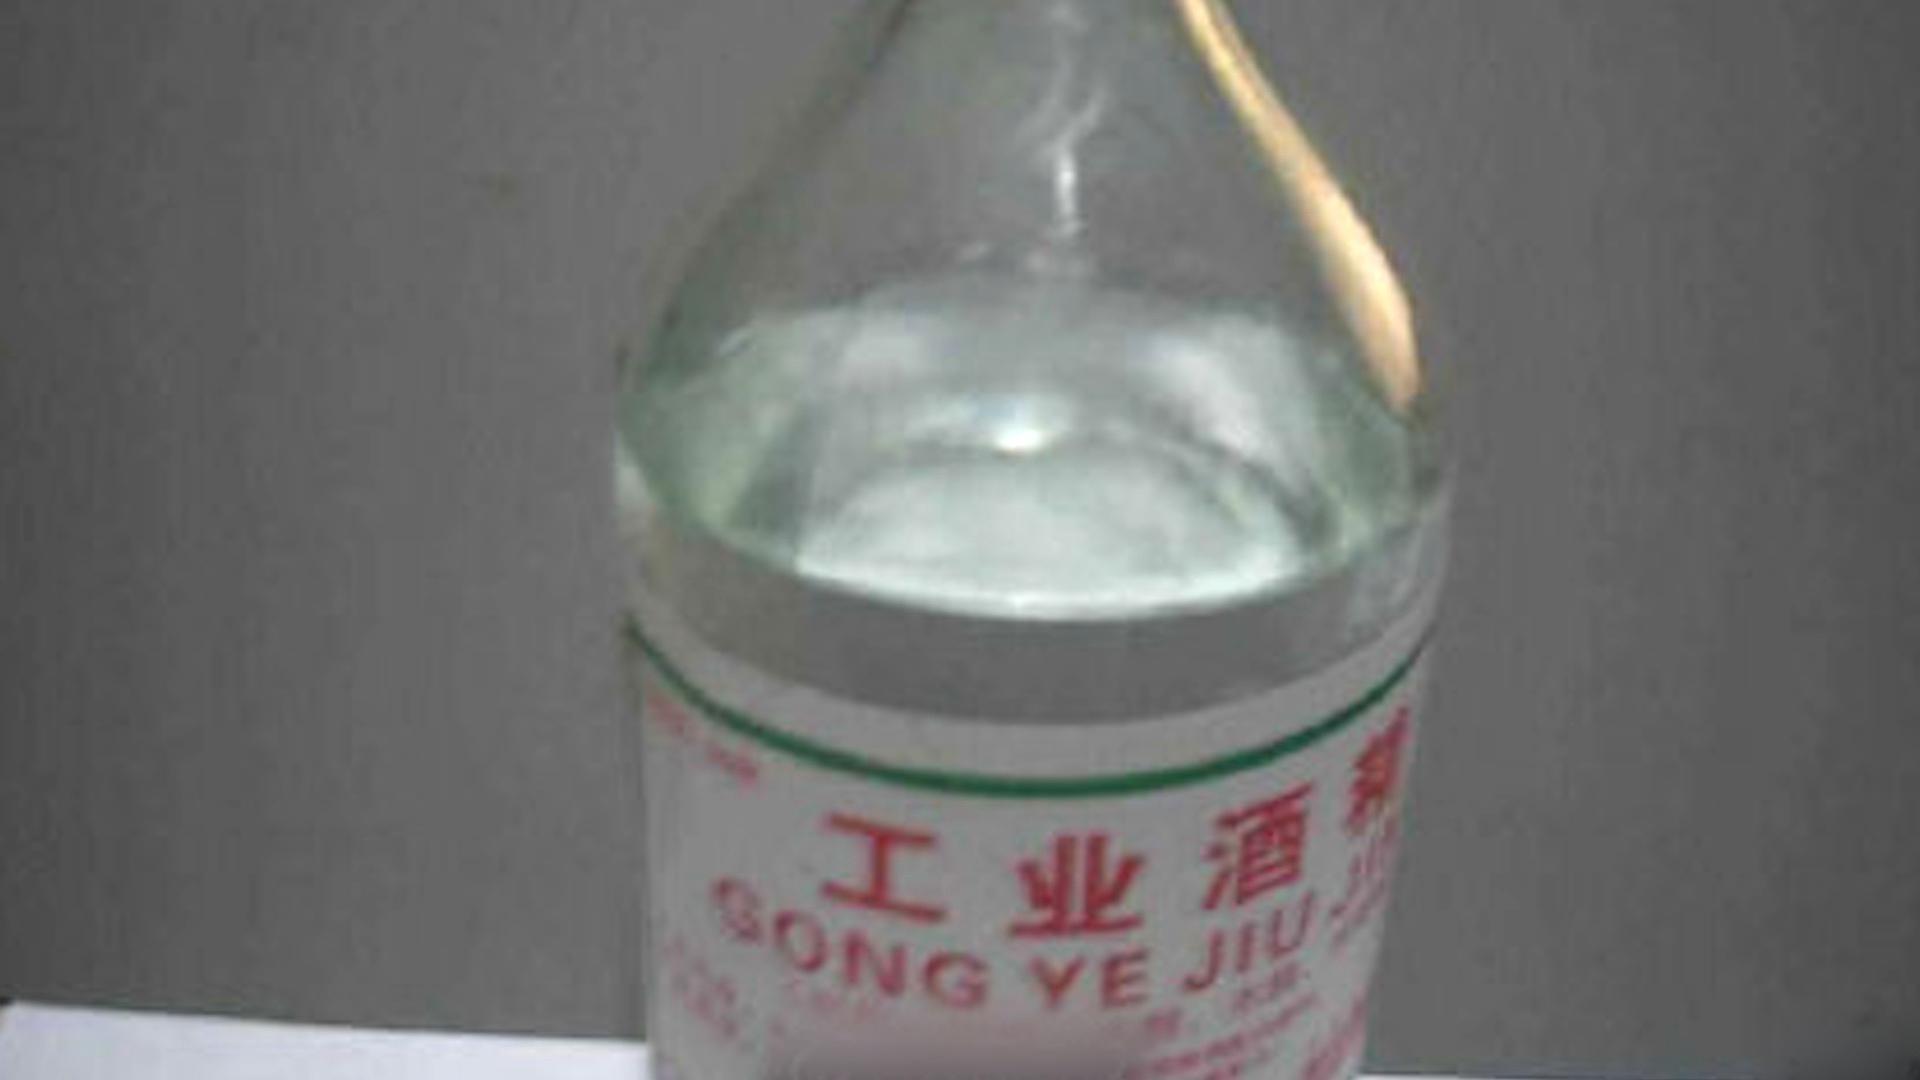 喜事变丧事!云南男子将95度工业酒精兑入婚宴酒 致5死14人送医